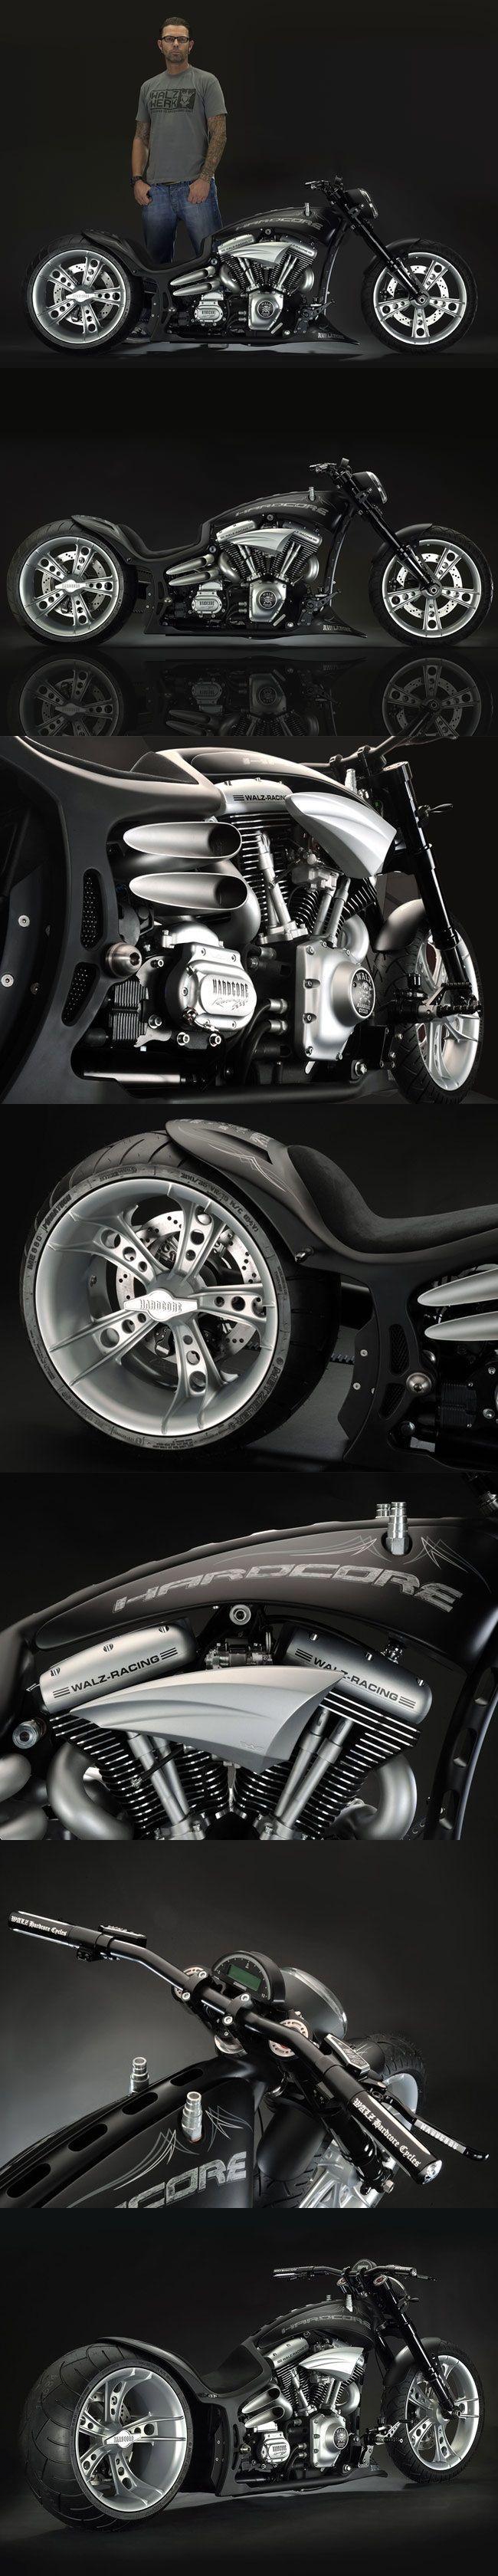 Les 115 meilleures images du tableau Custom Motorcycle sur